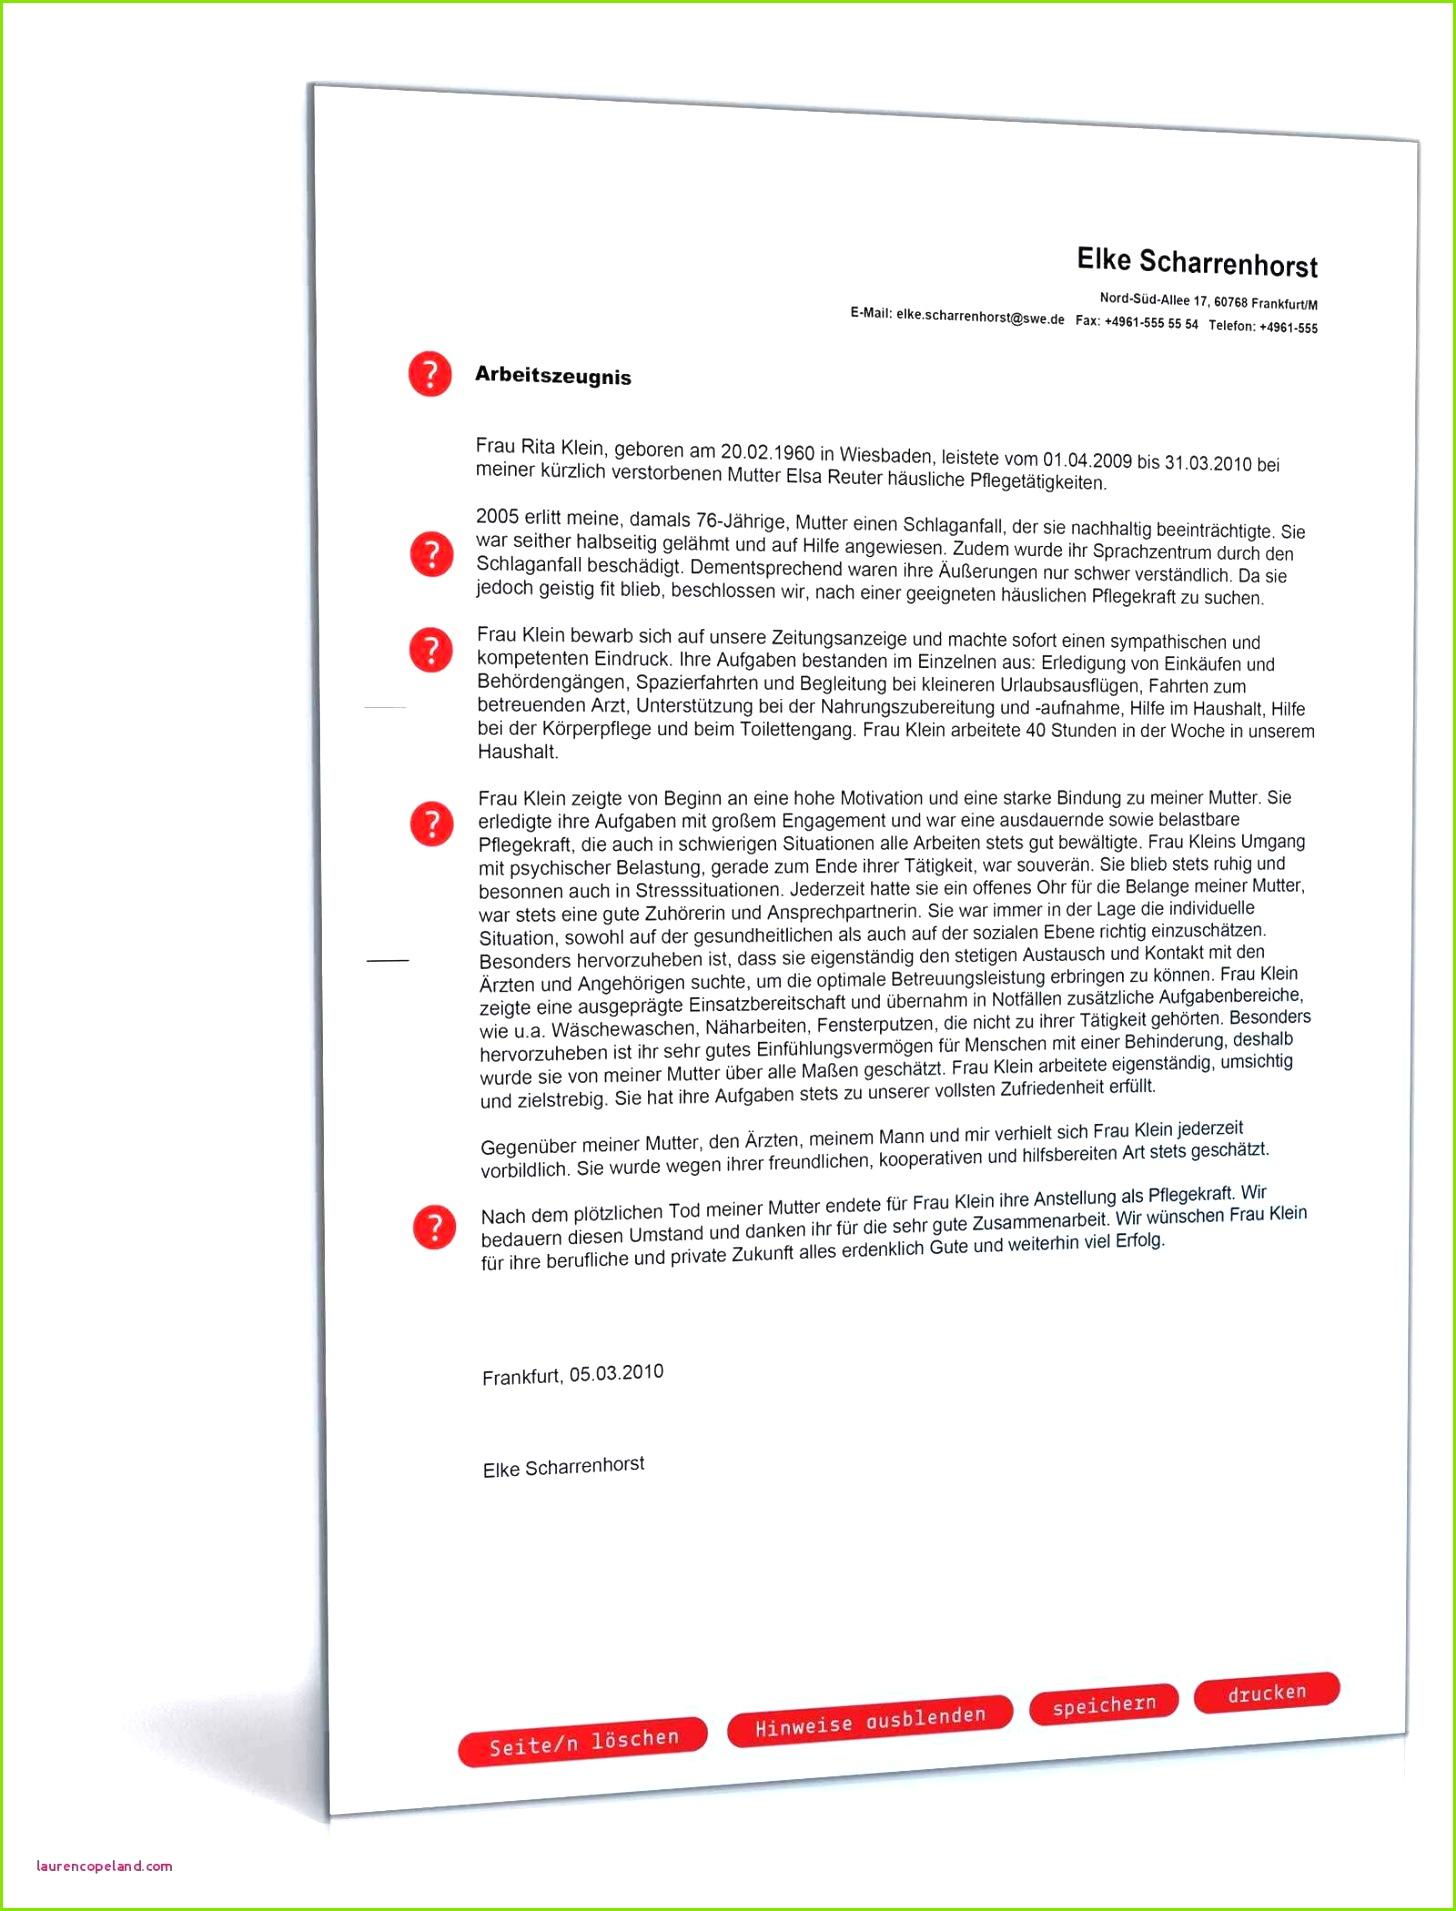 35 Autofachmann Berichtsheft Vorlage Pdf Laurencopeland Außerordentliche Autofachmann Berichtsheft Vorlage